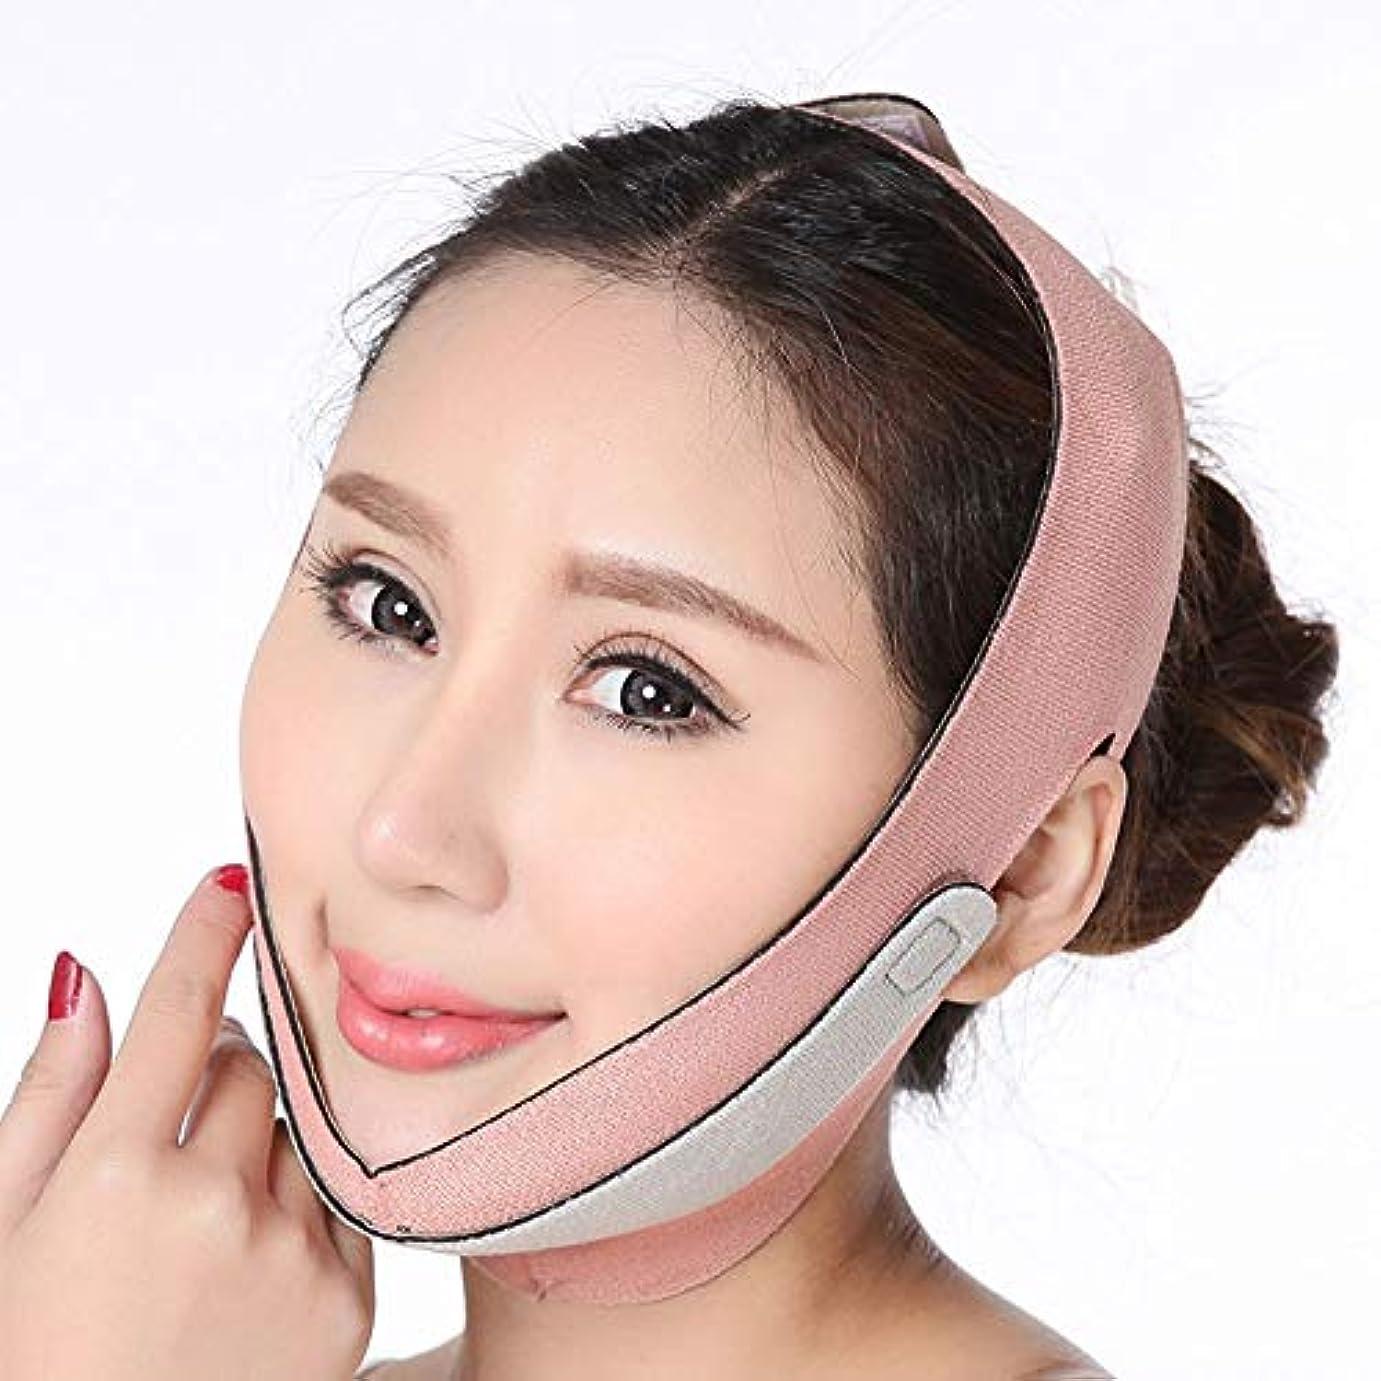 余計なバウンド欲しいですシンフェイス包帯シンフェイスマスクフェイスリフトアーティファクトレイズVフェイスシンフェイスフェイスリフティング美容マスク小フェイス包帯 (色 : A)